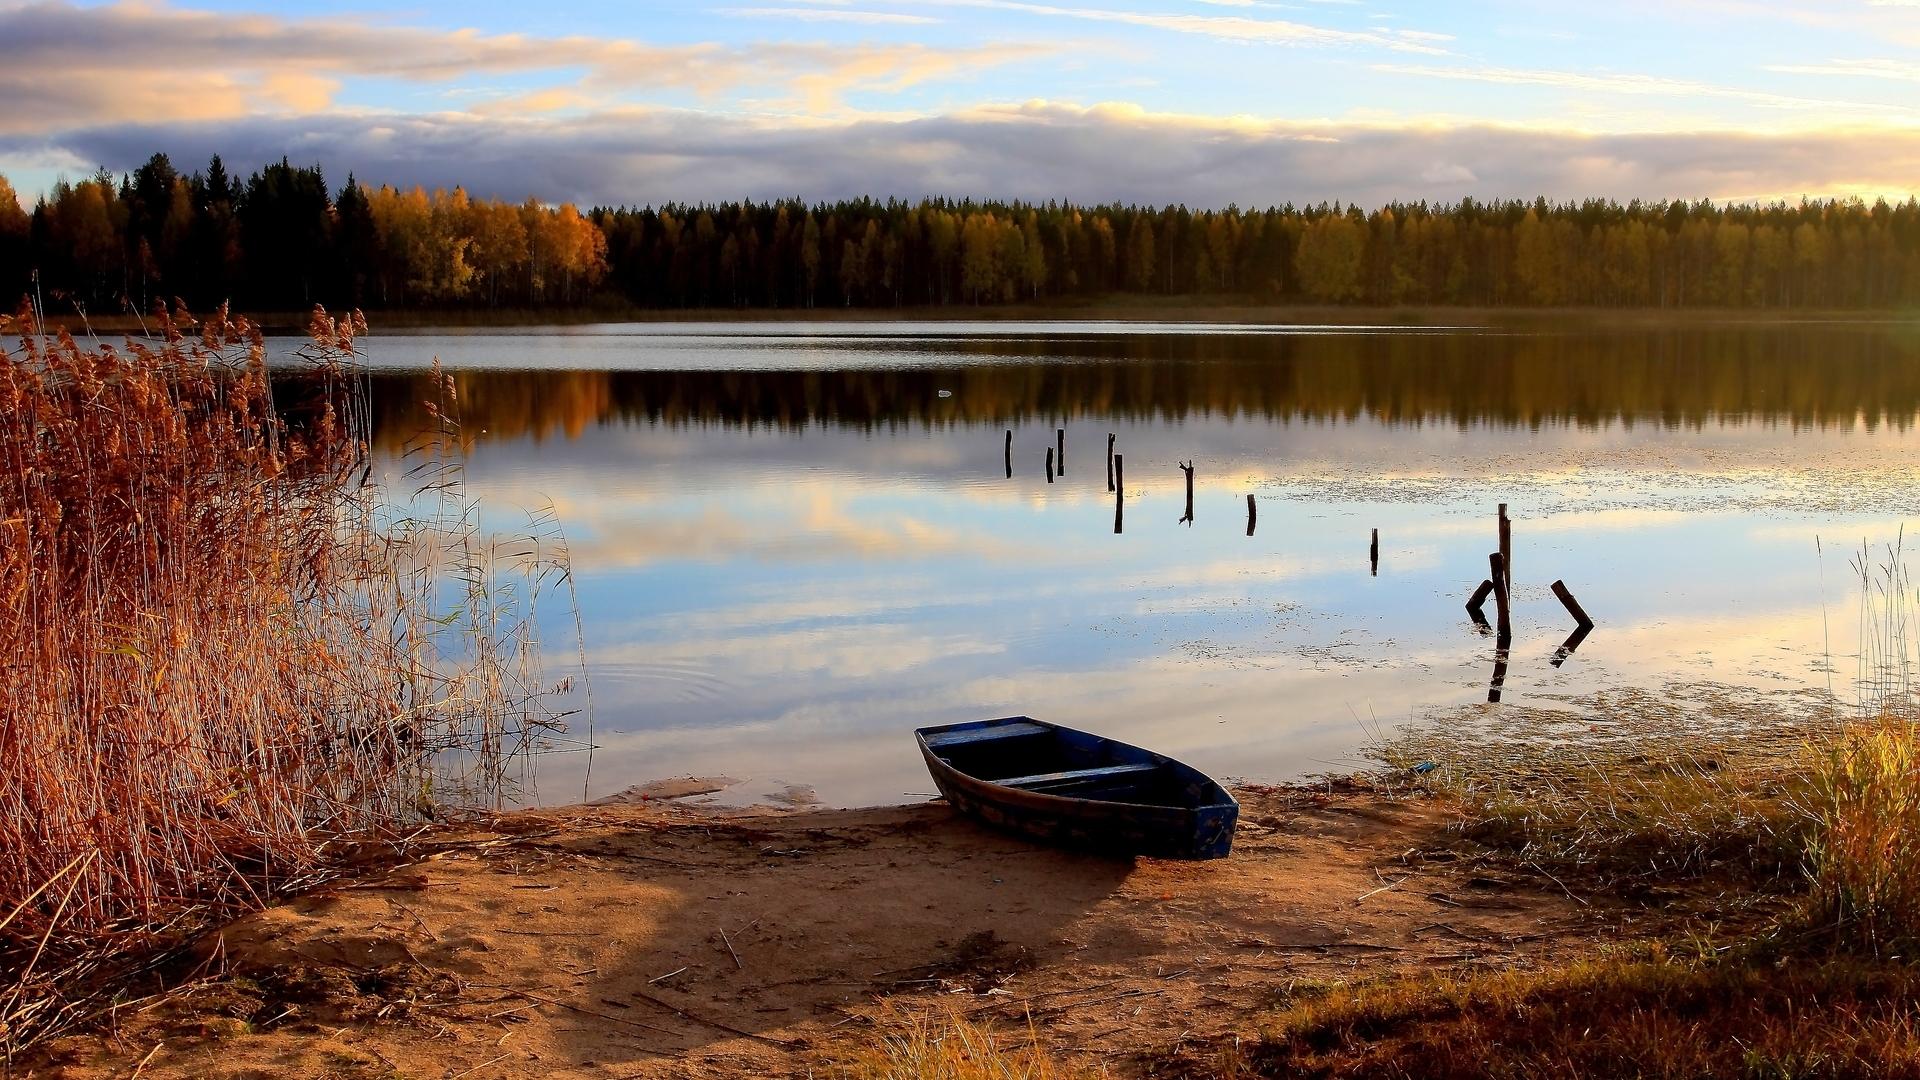 Лодка на берегу зеленого озера  № 2493009 загрузить